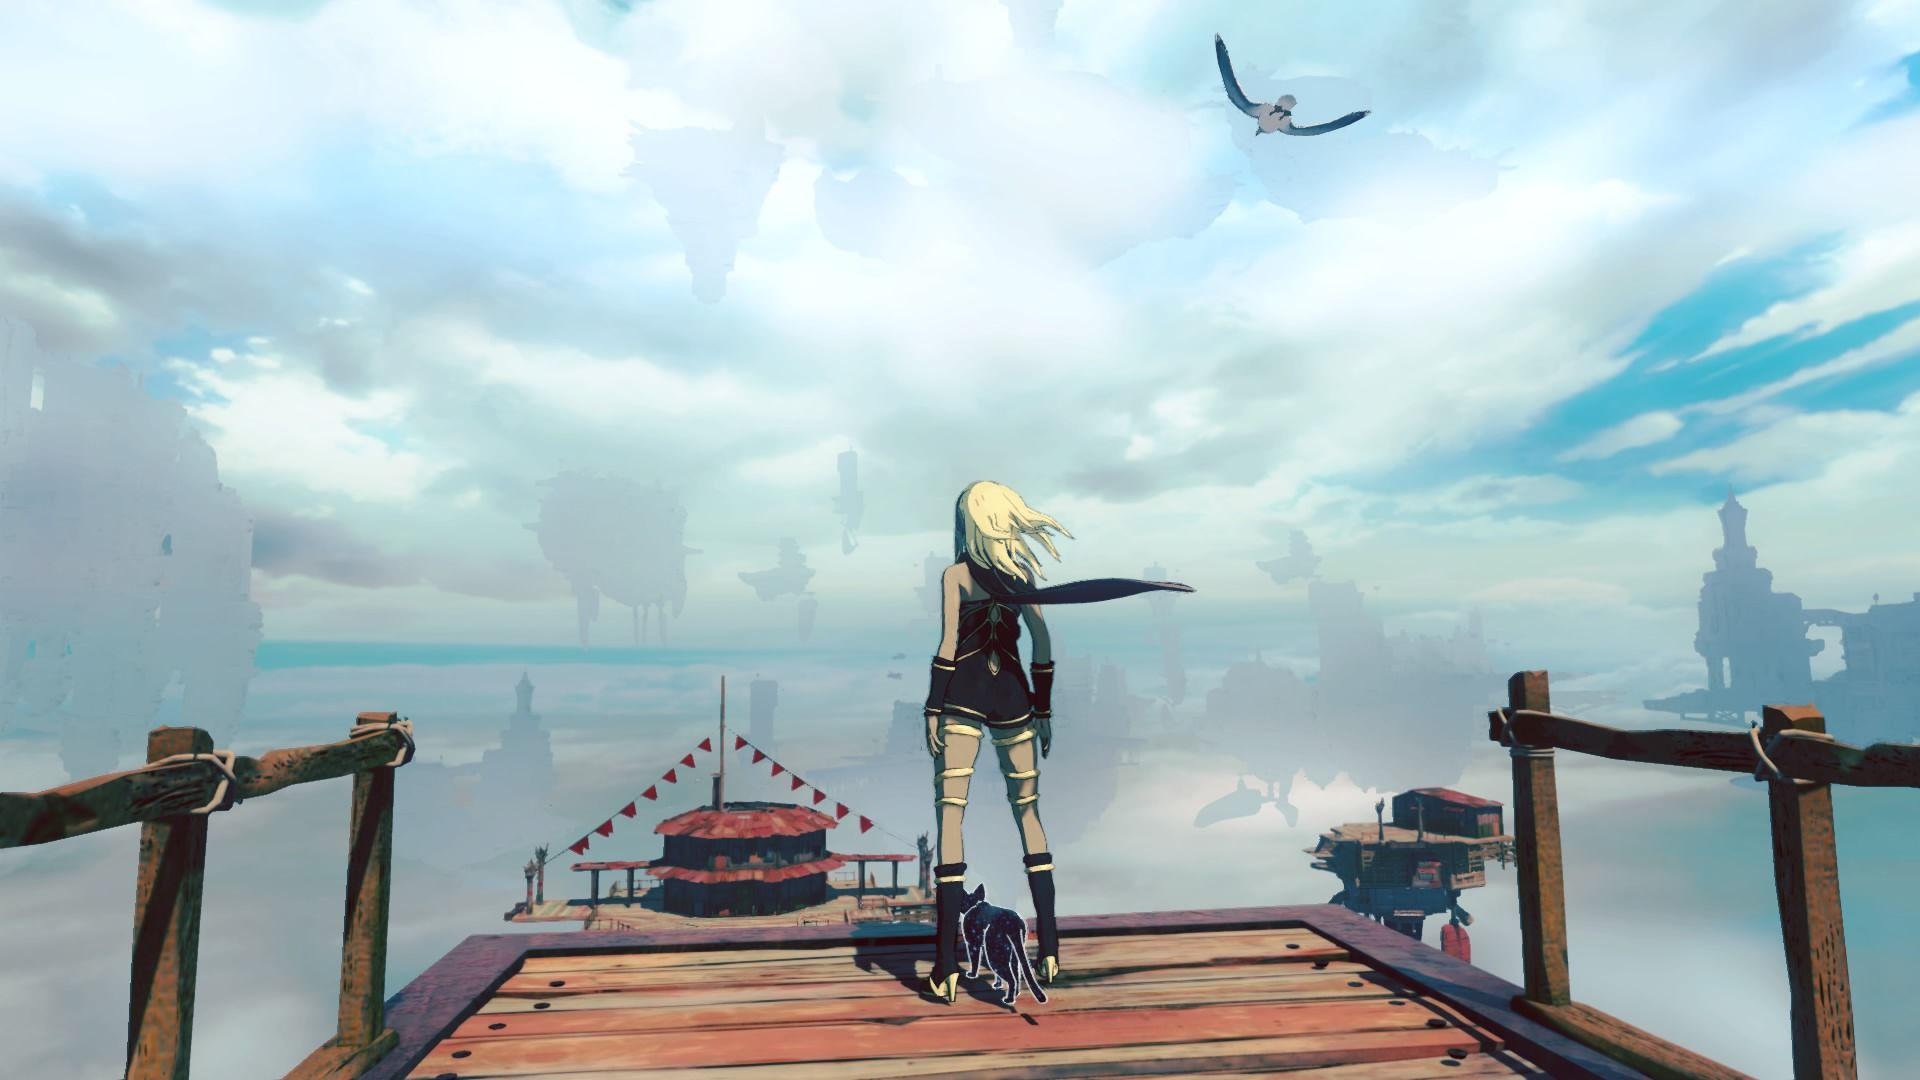 Krajinu v Gravity Rush 2 tvoria vznášajúce sa ostrovy